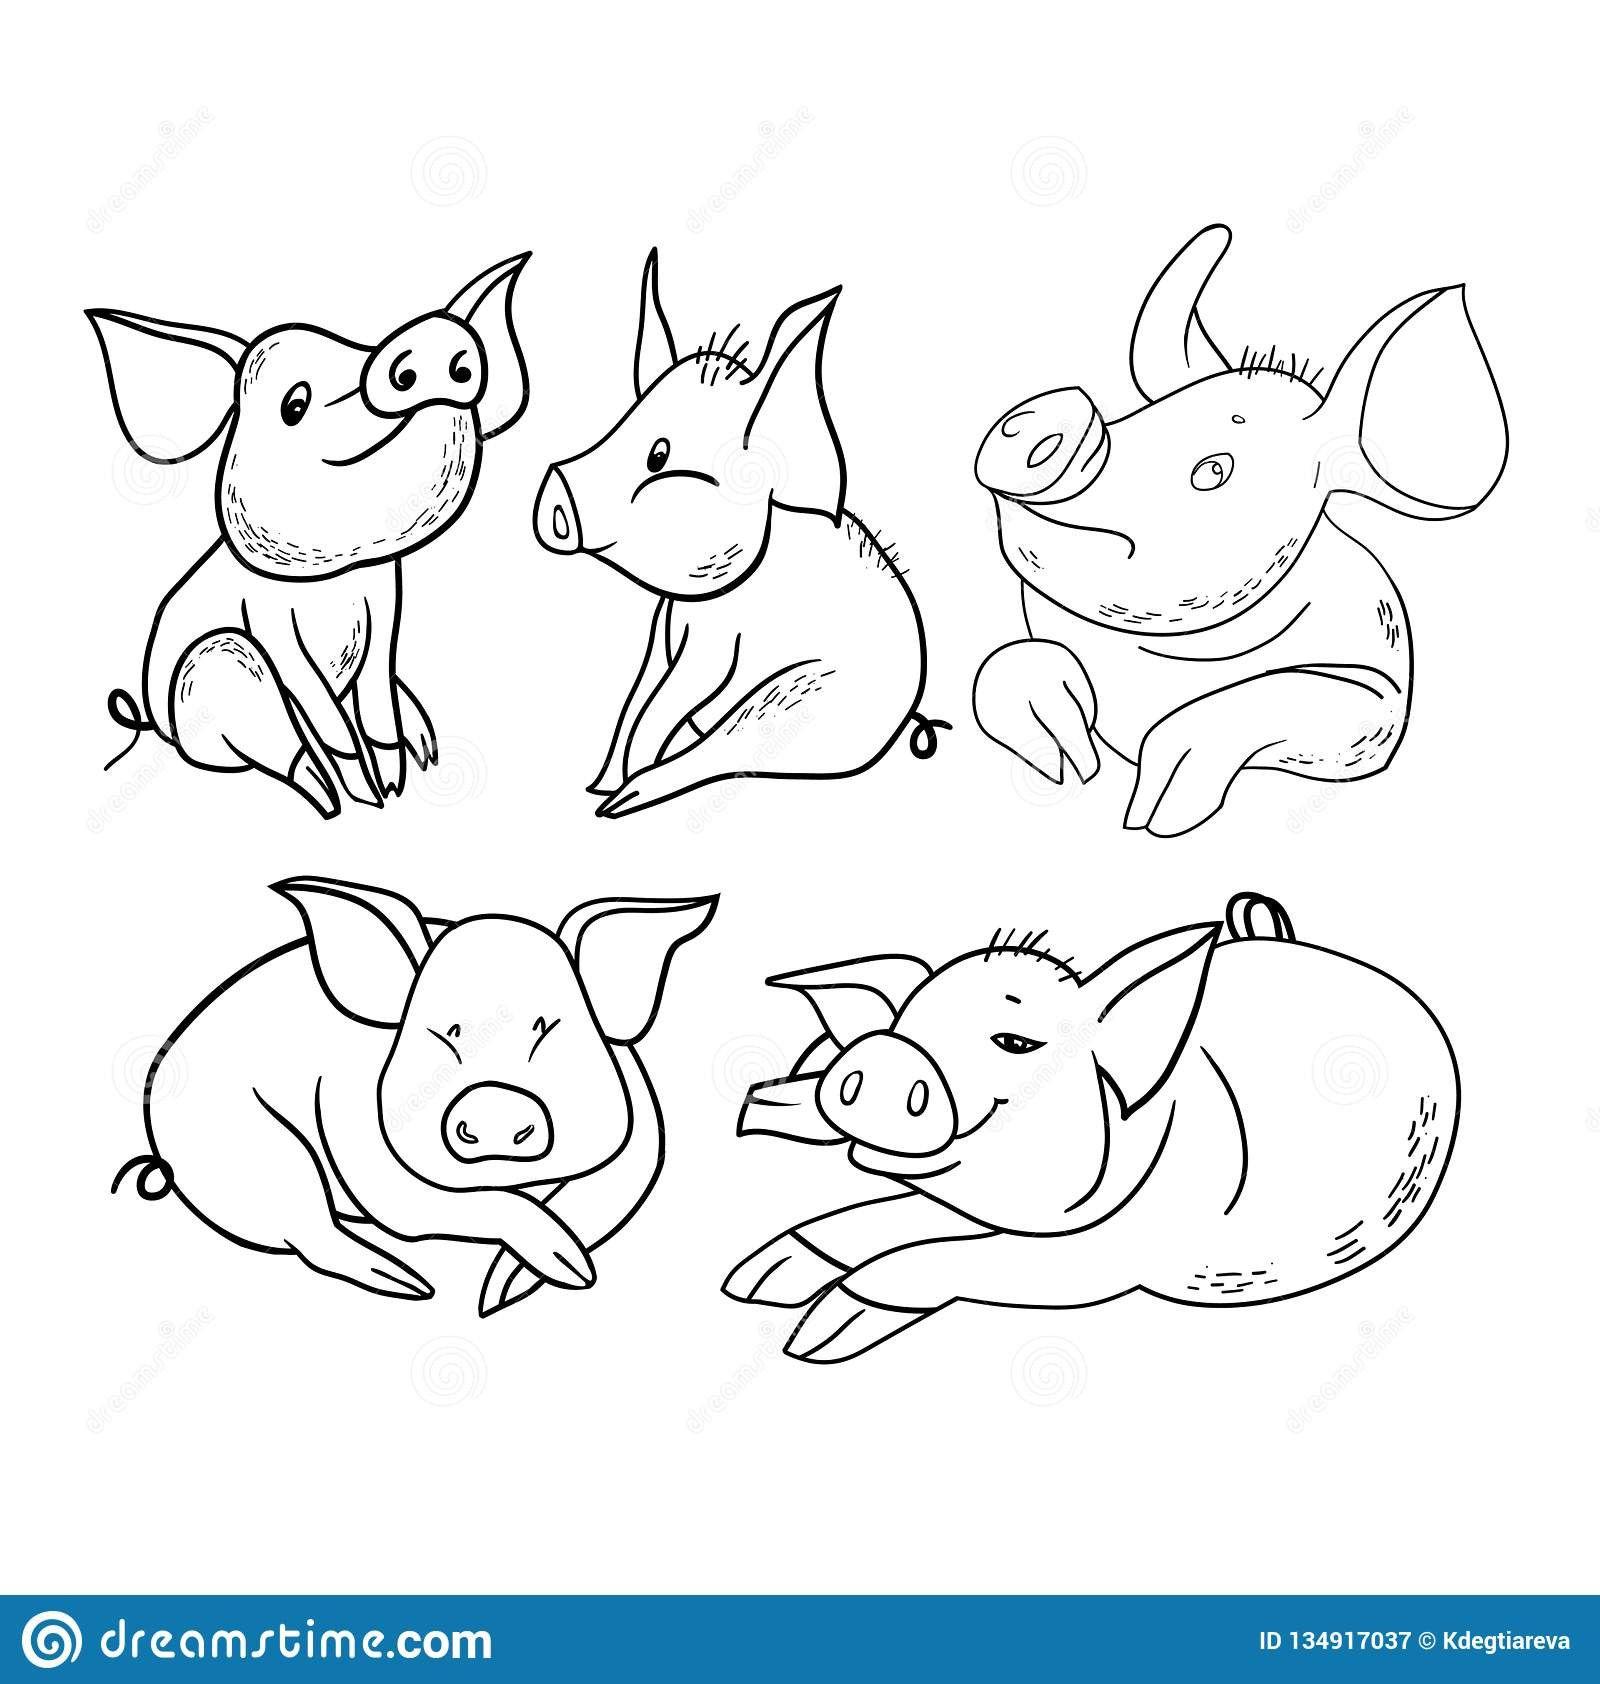 Pin Di Projectremedium Su Pagina Da Colorare Cartoni Animati Personaggi Dei Cartoni Animati E Disegni